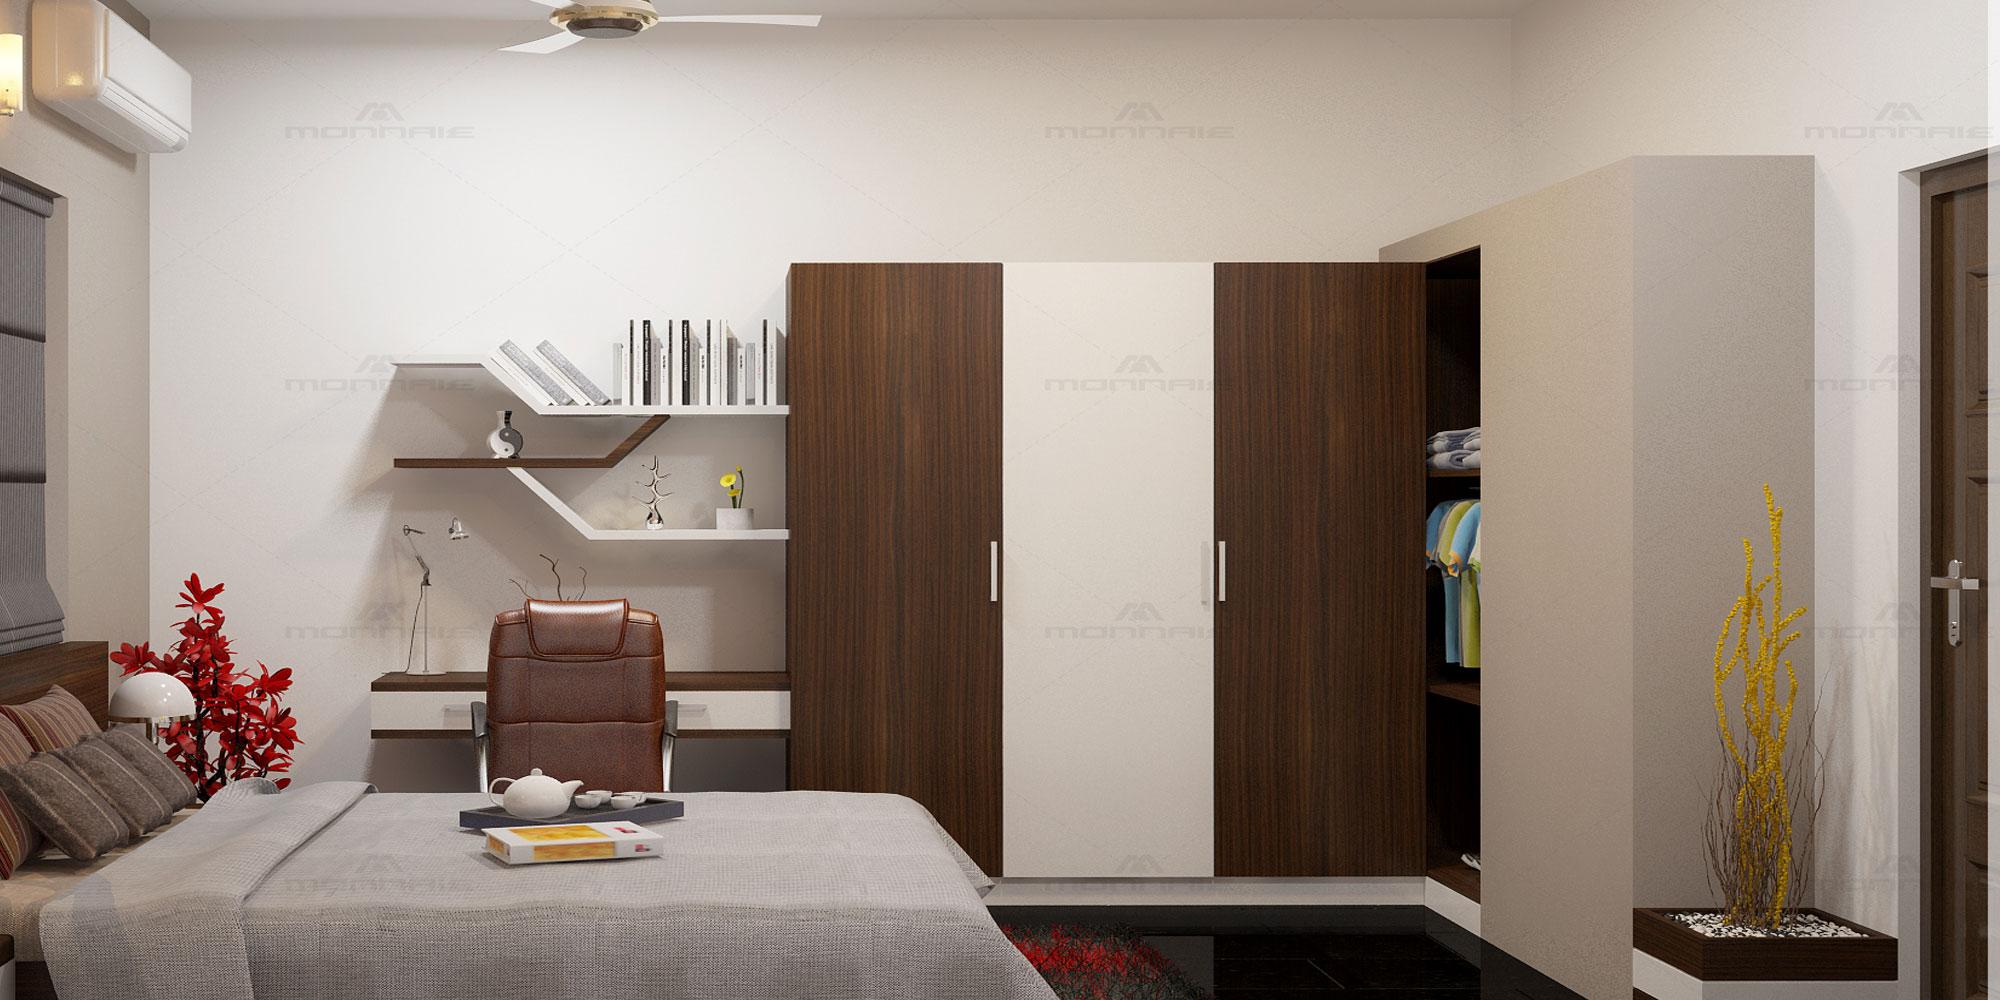 Bedroom interiors in Kozhikode